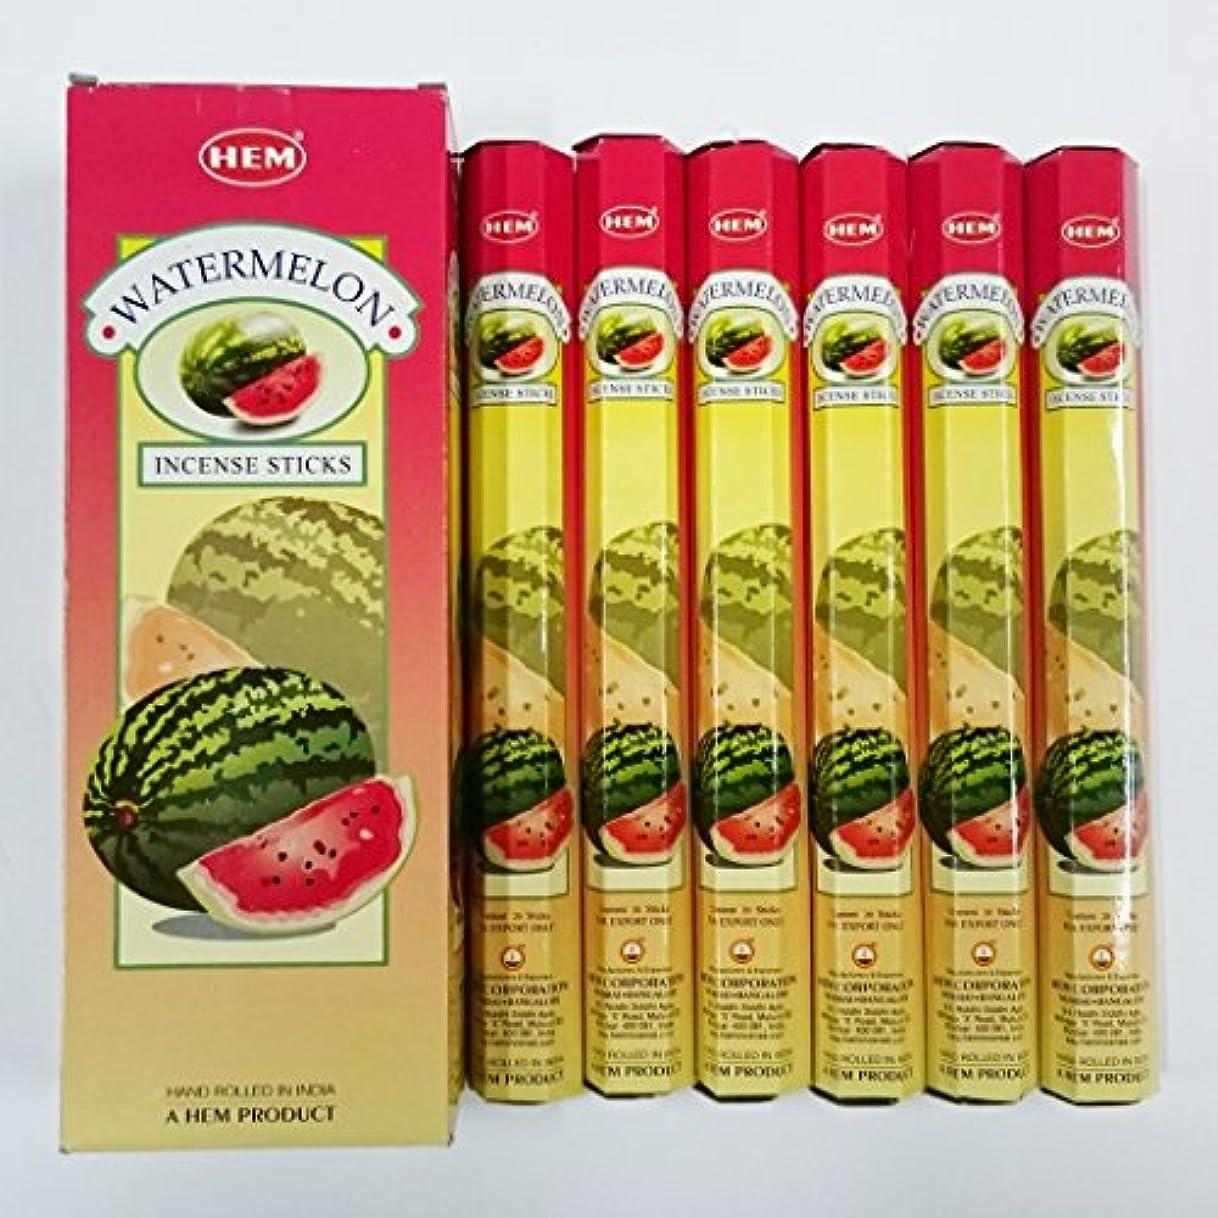 汚れる備品市場HEM (ヘム) インセンス スティック へキサパック ウォーターメロン(スイカ)香 6角(20本入)×6箱 [並行輸入品]Water melon